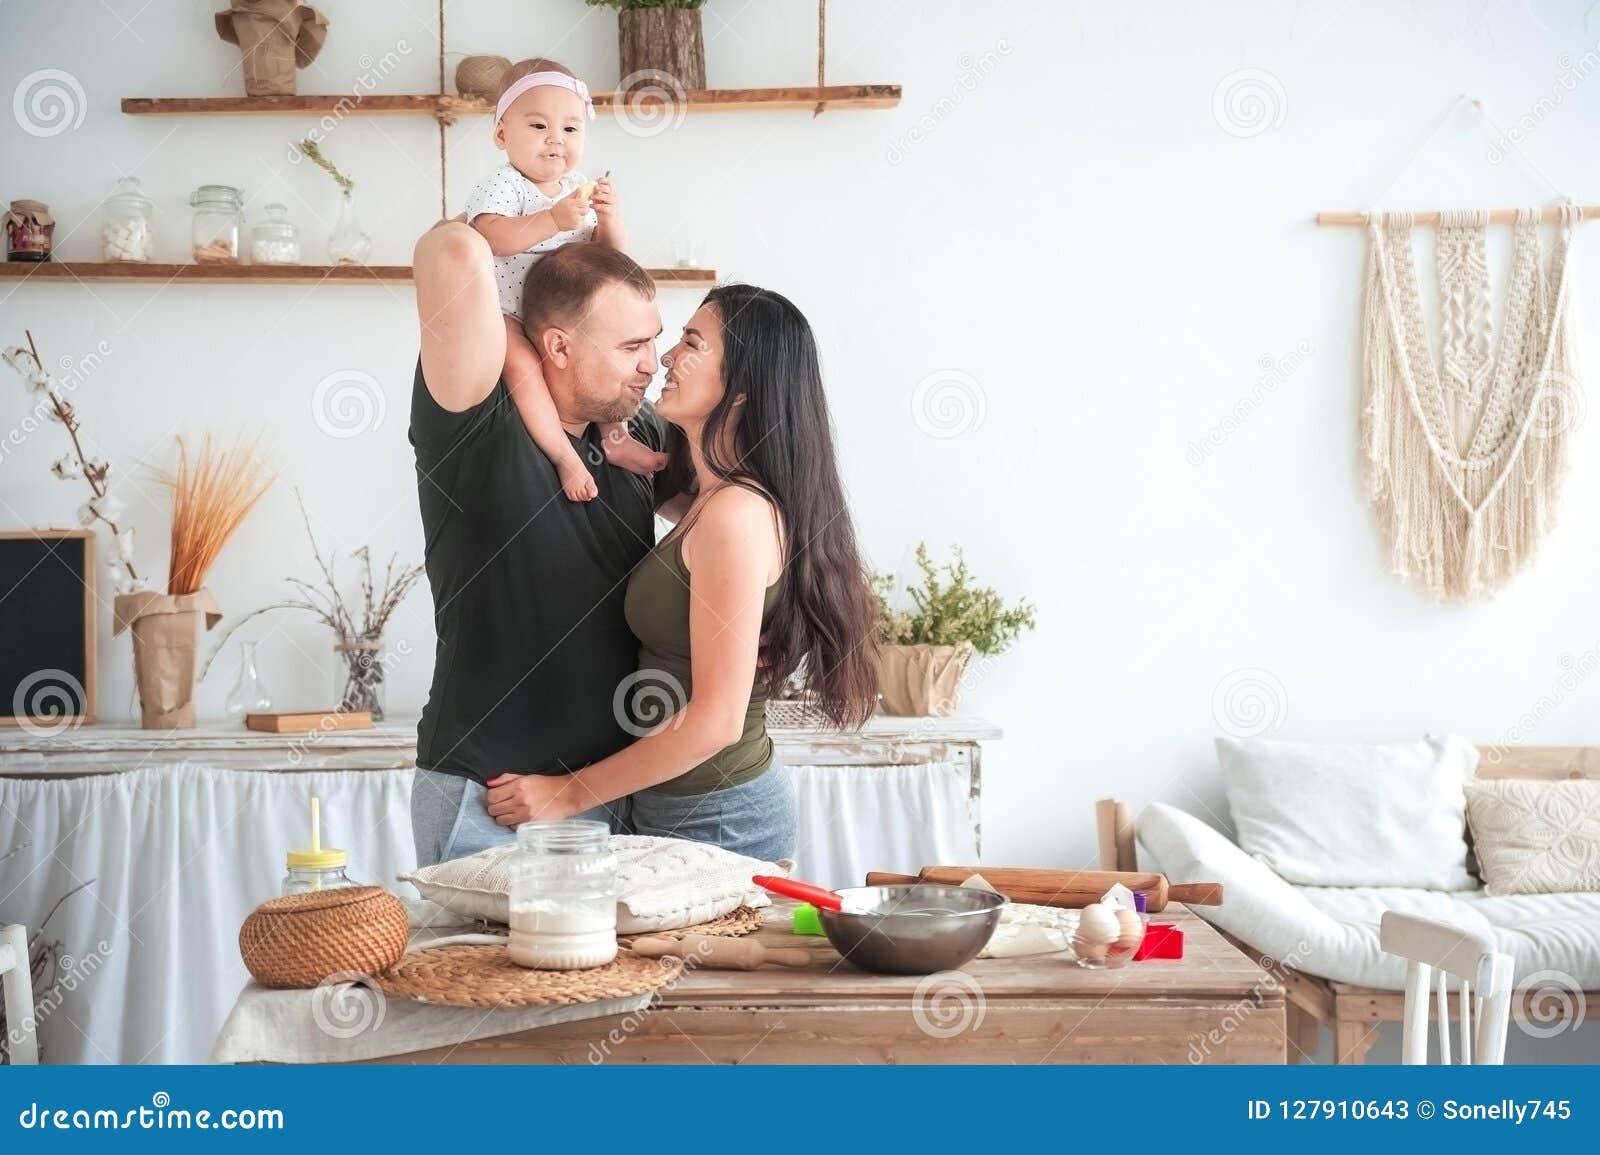 El Beso En La Cocina Brillante, Niños Del Papá Y De La Mamá Ayuda A Cocinar  En La Cocina